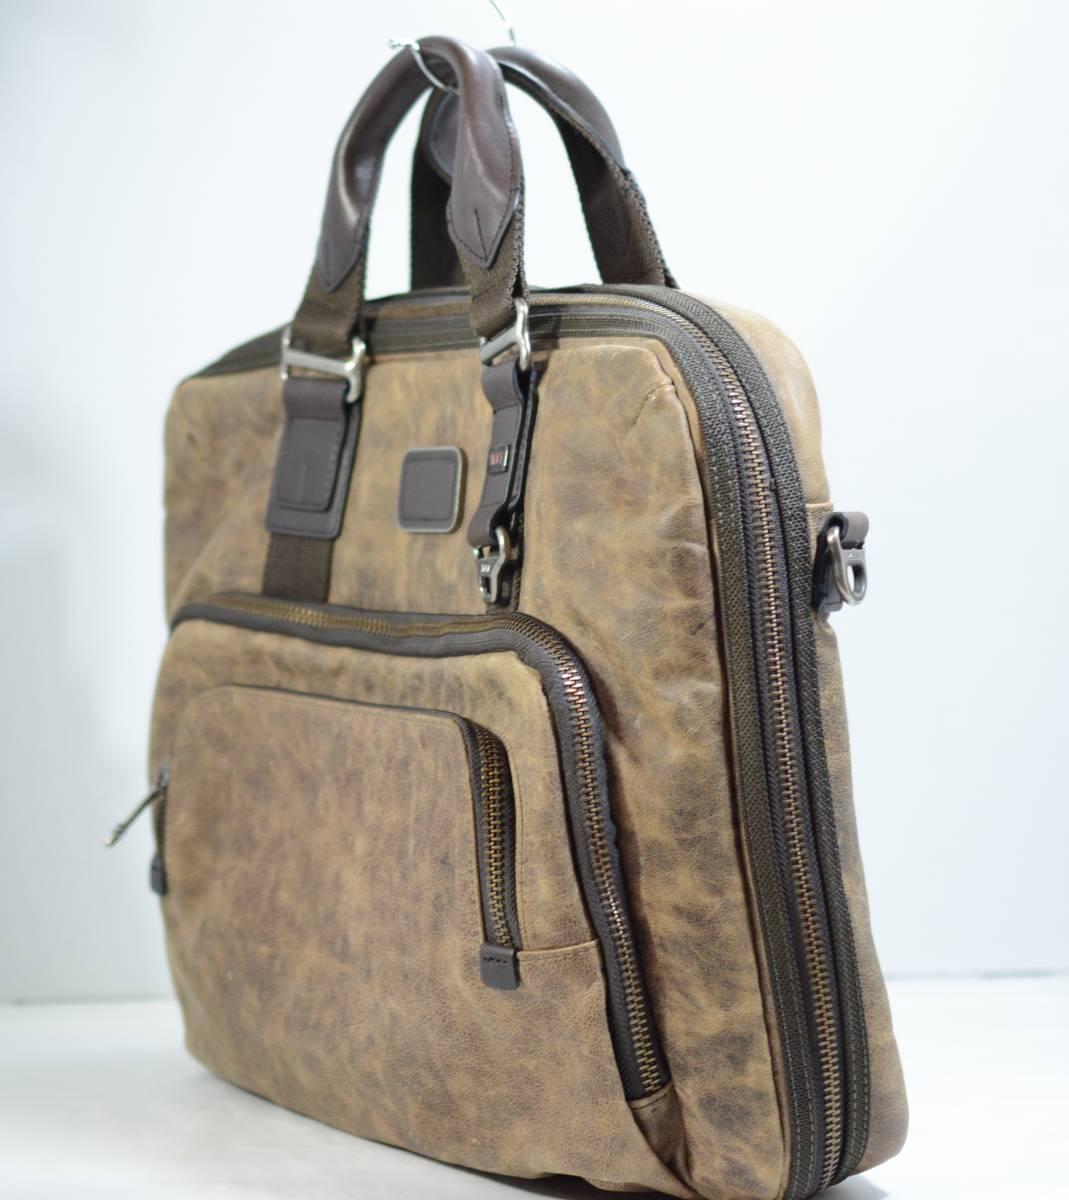 ☆美品 TUMI トゥミ ビジネスバッグ ブリーフケース バッグ 茶色 ブラウン☆高級書類鞄☆_画像4